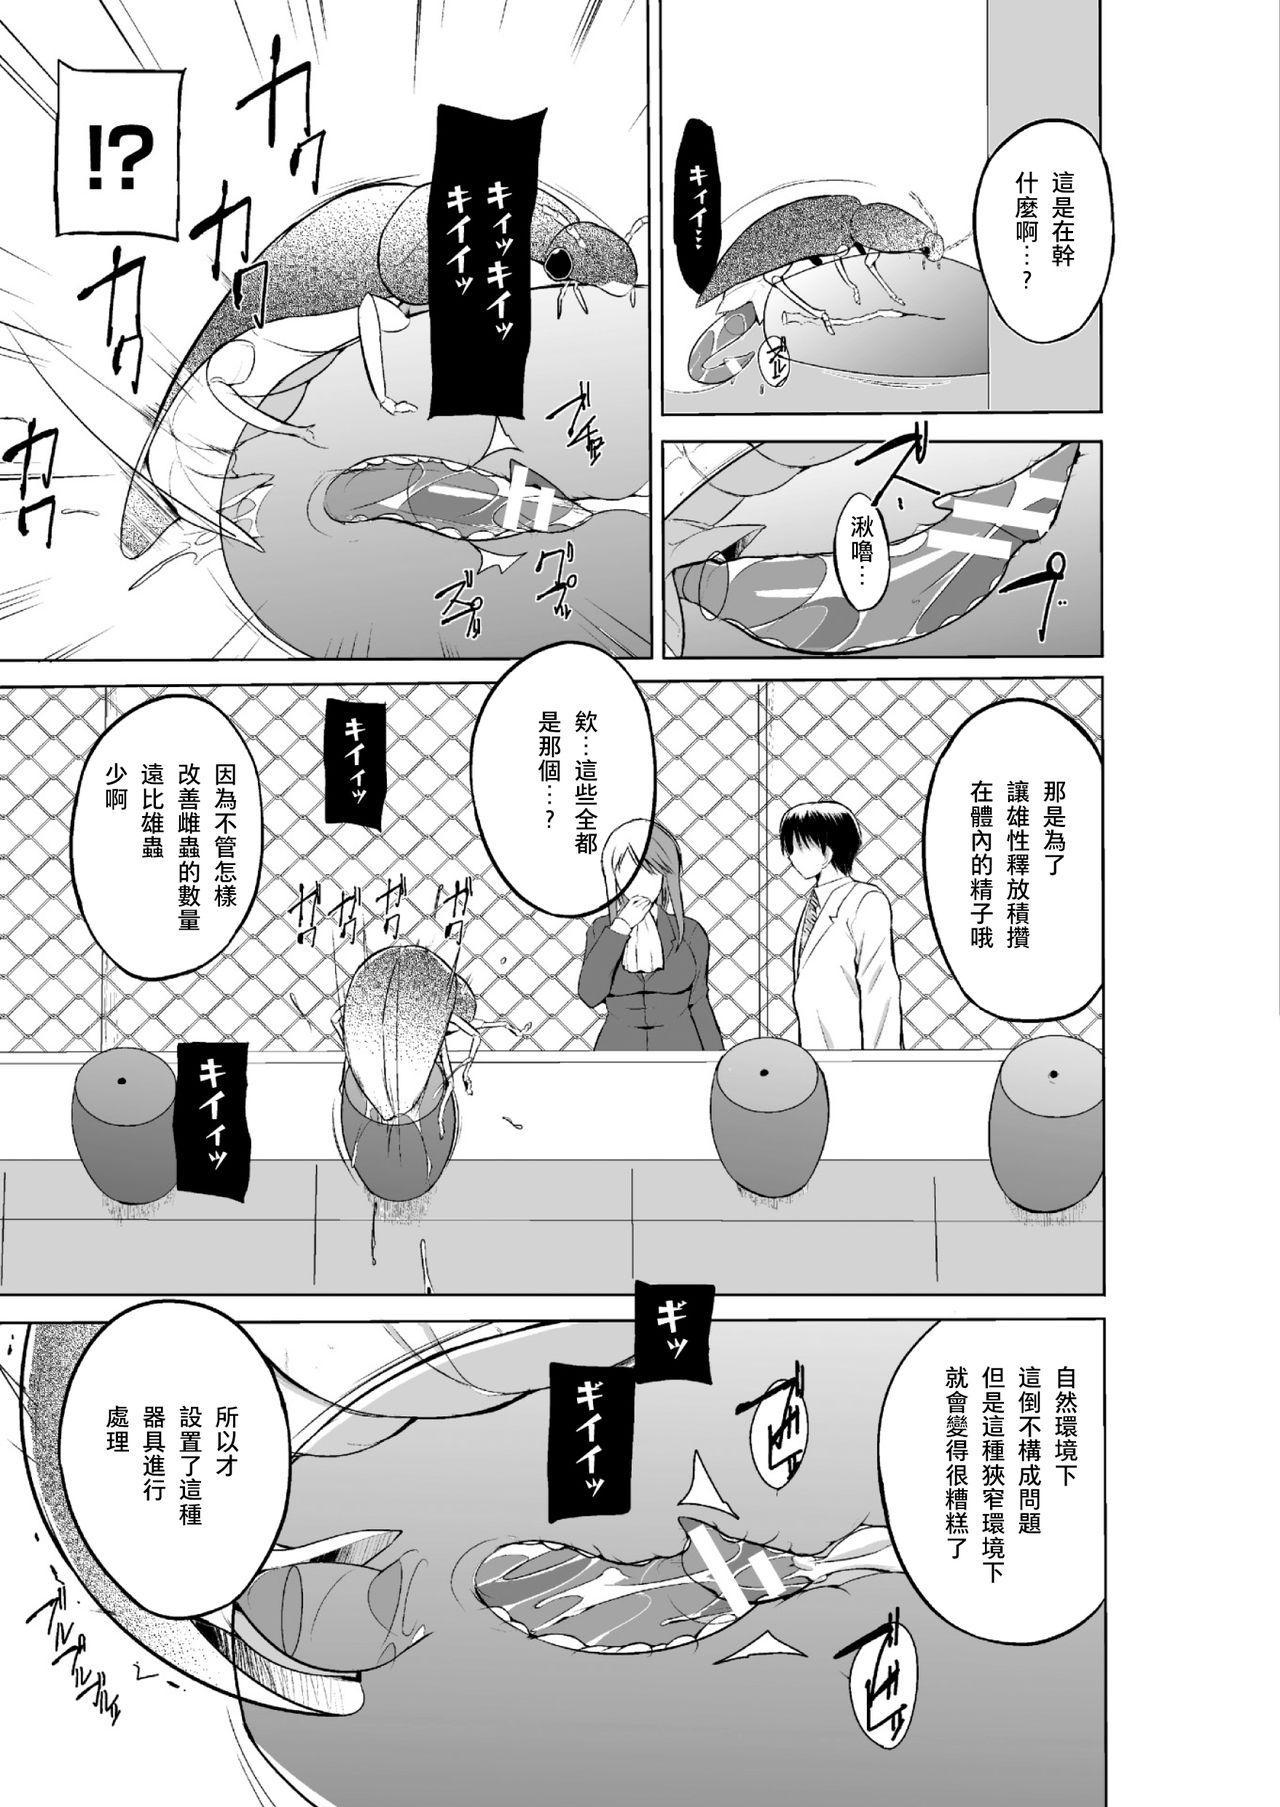 Mushi Asobi 2 Ch. 4 6